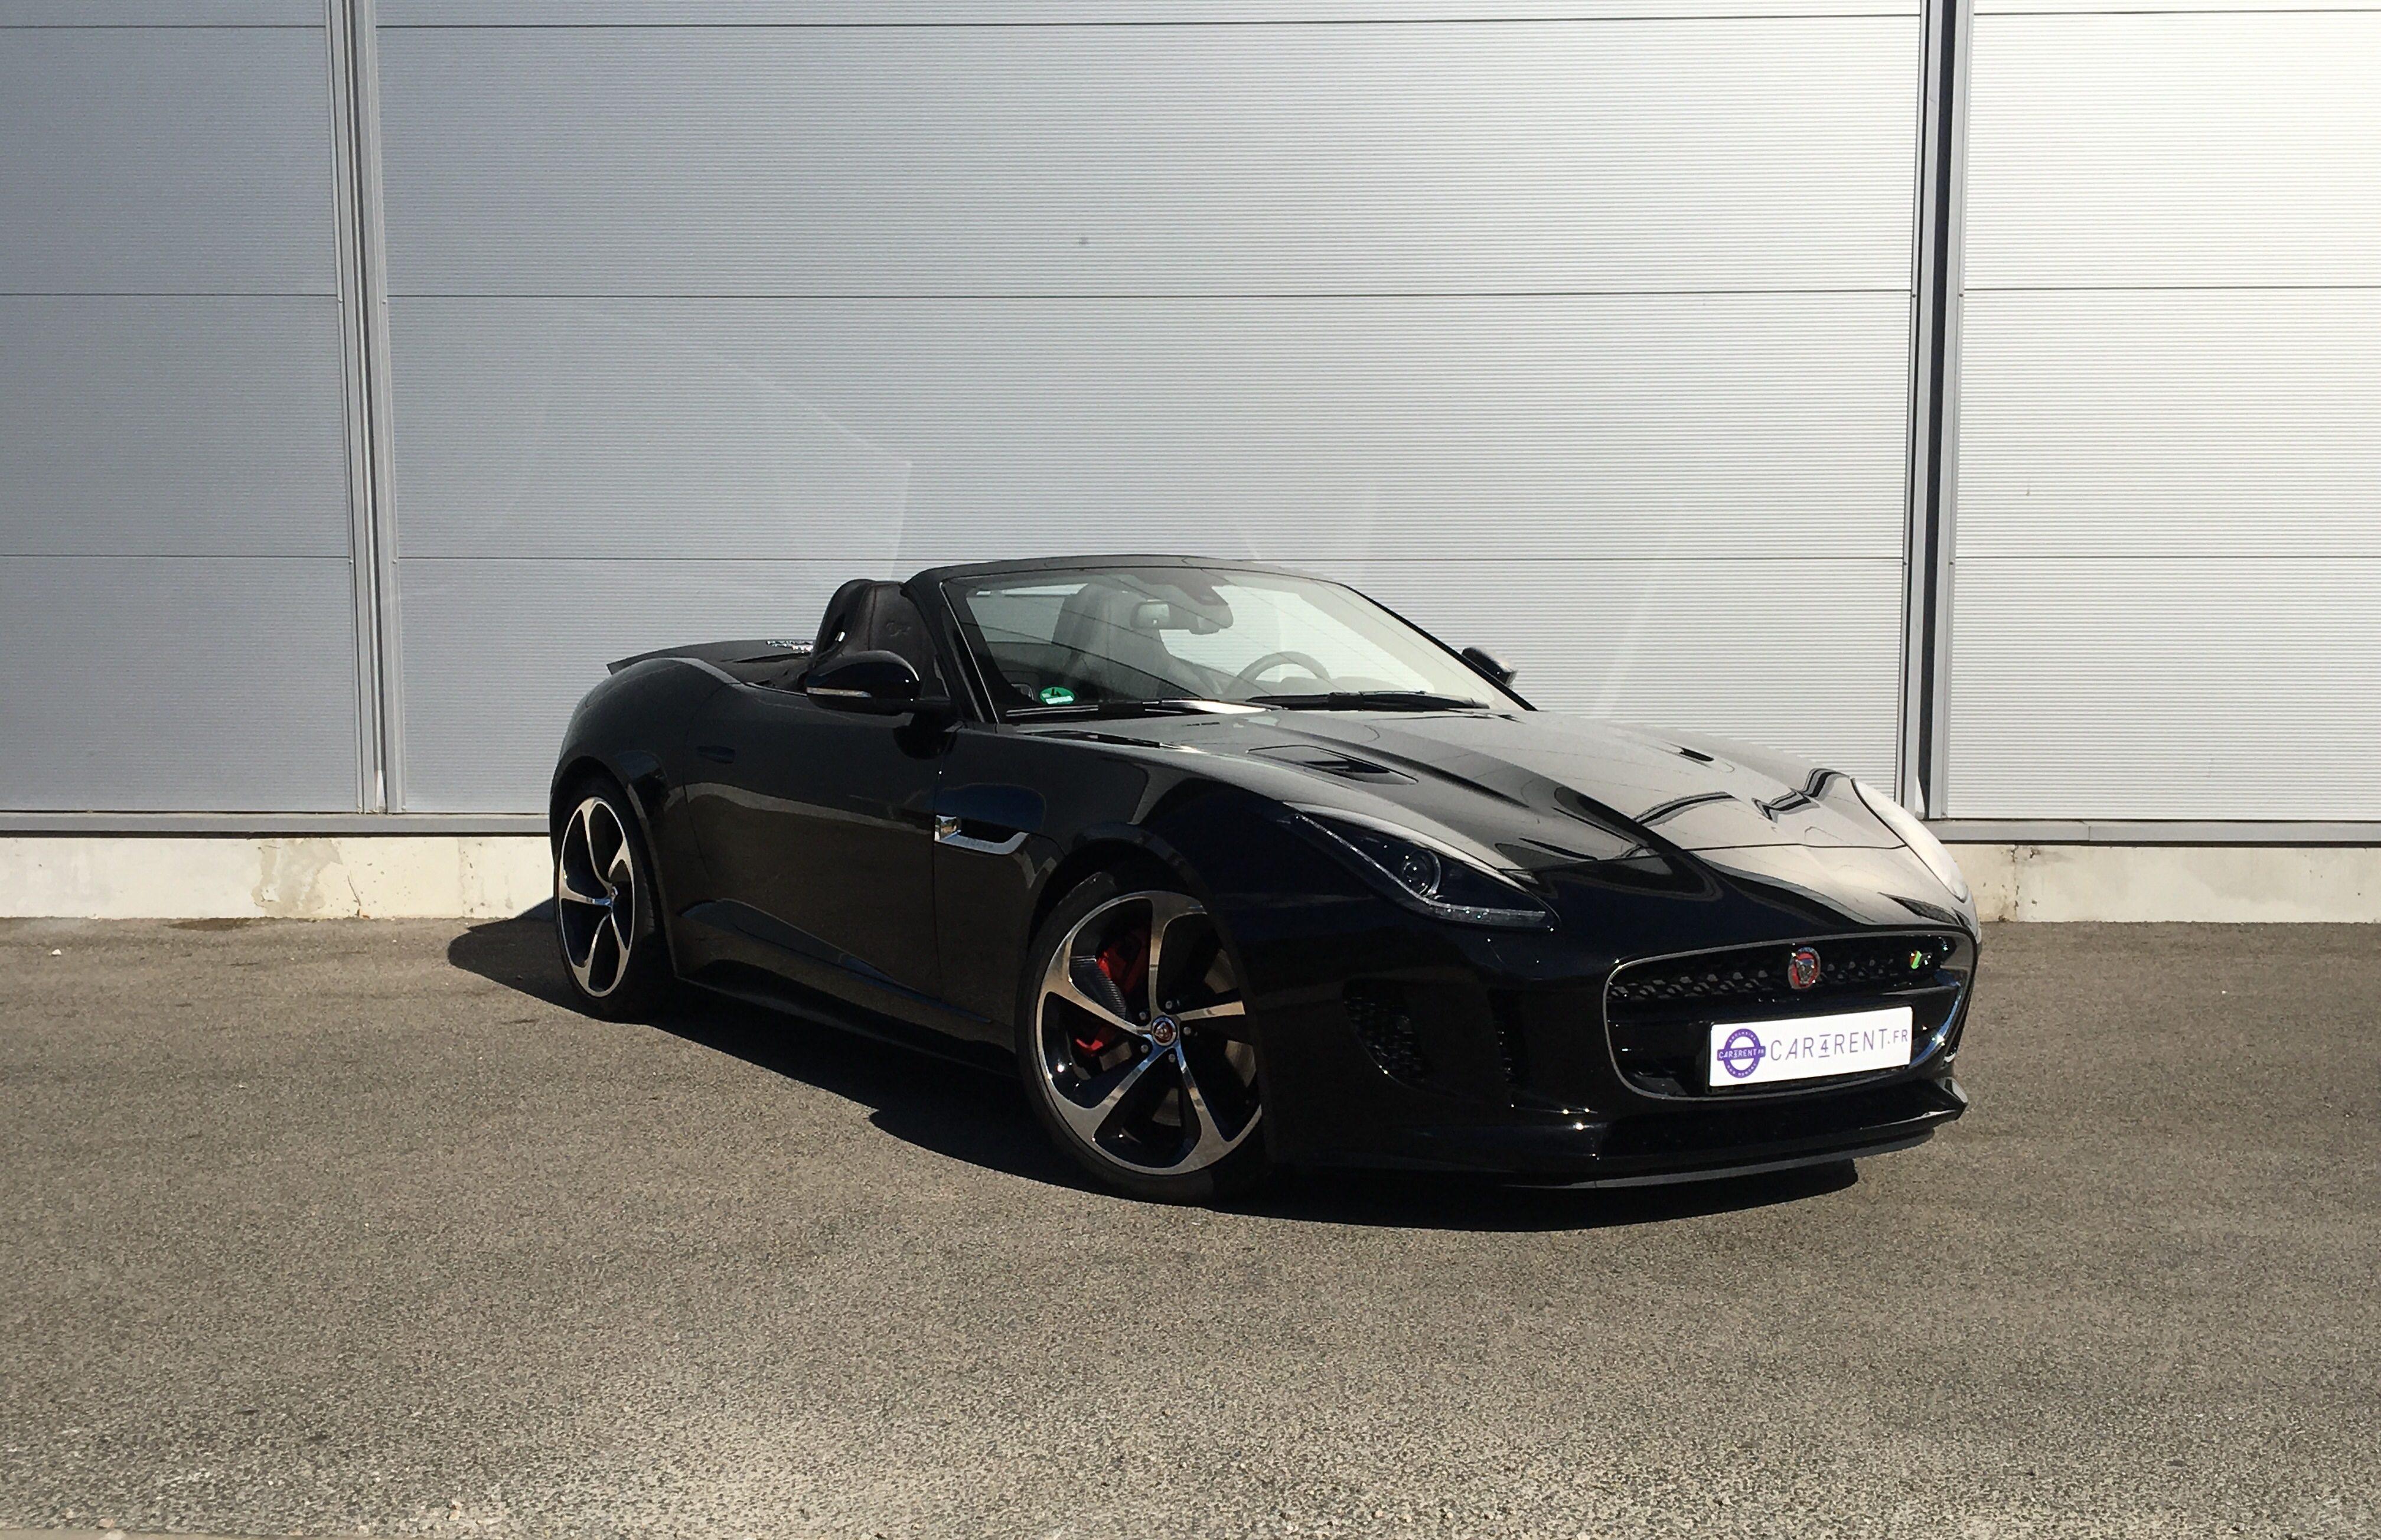 louer jaguar cannes car4rent